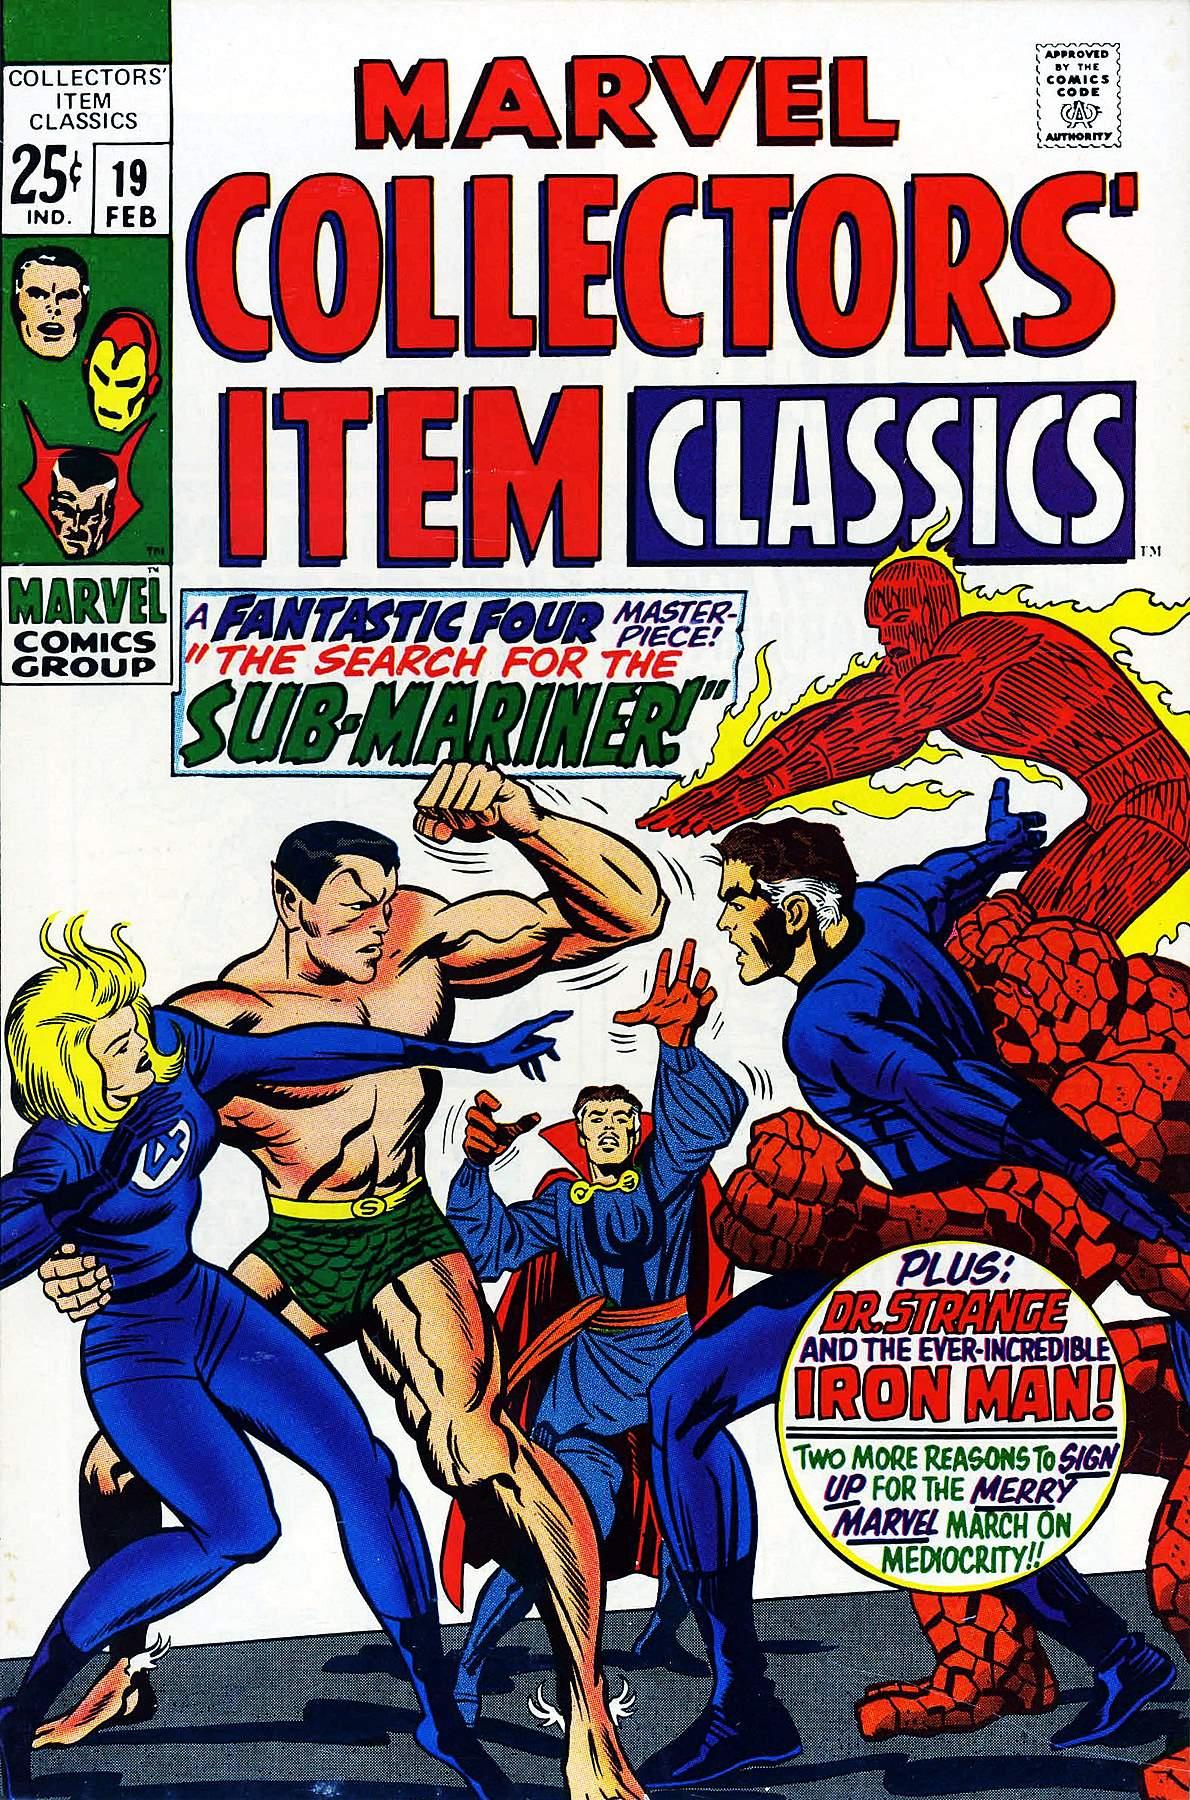 Marvel Collectors Item Classics 19 Page 1